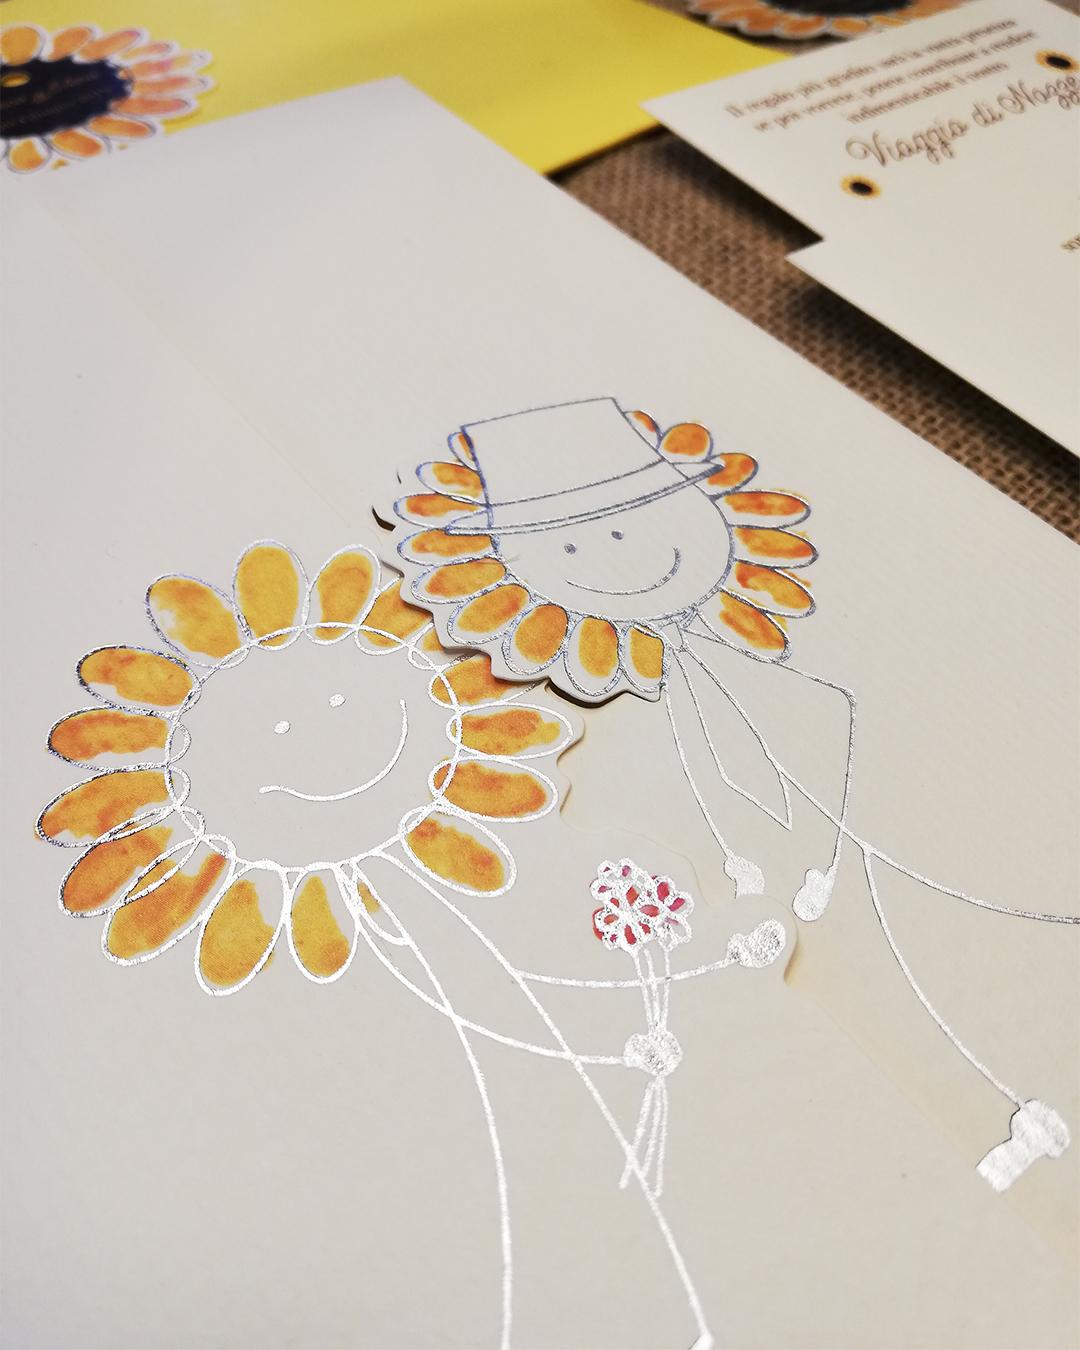 partecipazione personalizzate wedding trepuntozero tema girasoli con rifiniture in argento